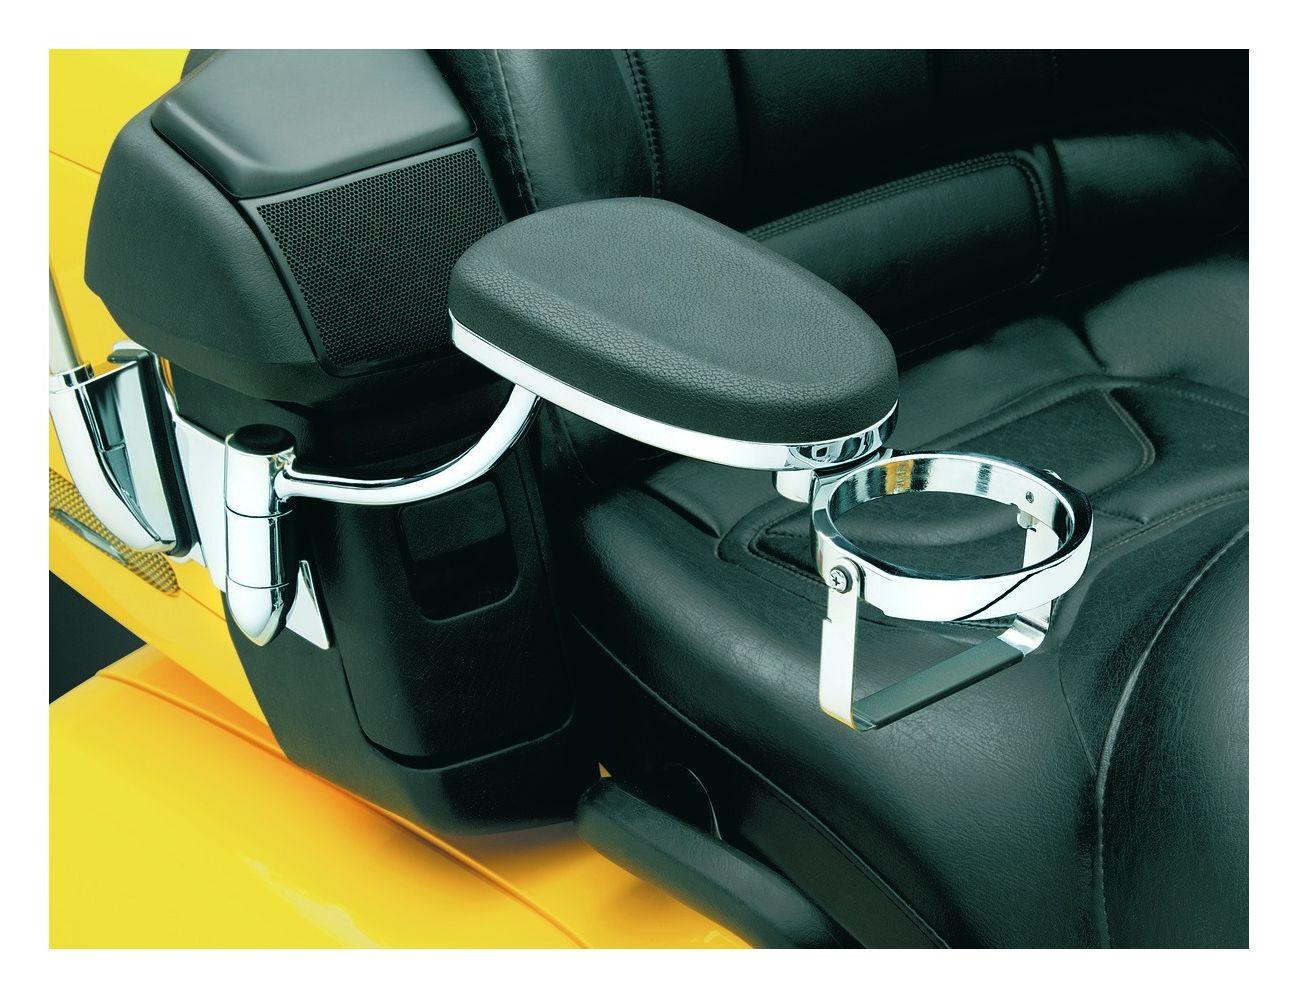 Kuryakyn Passenger Armrests For Honda GoldWing GL1800 2001-2015